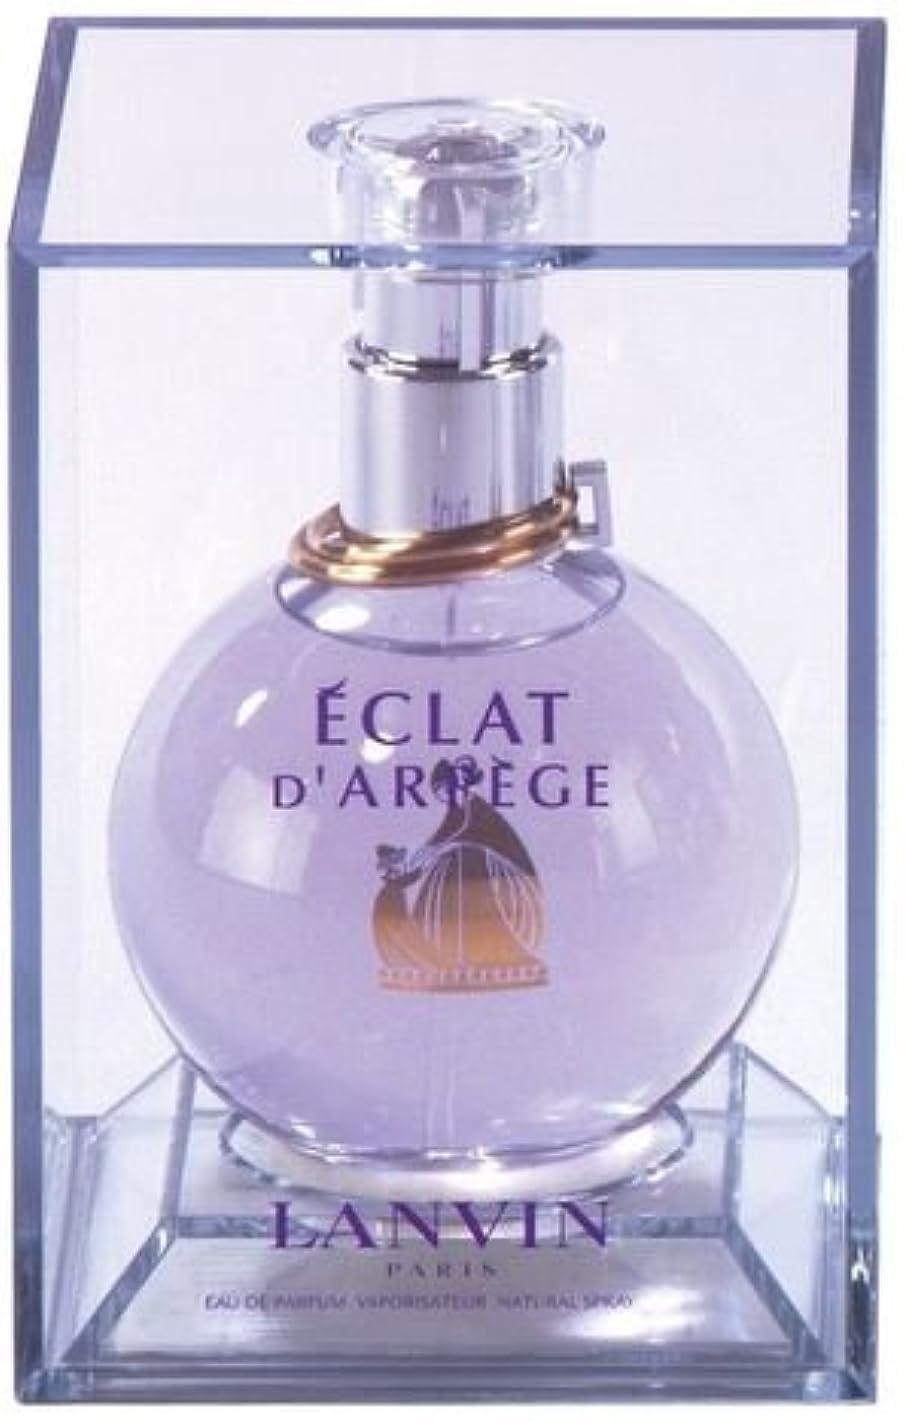 一致里親生活ランバン エクラ ドゥ アルページュ オードパルファム EDP 50mL 香水